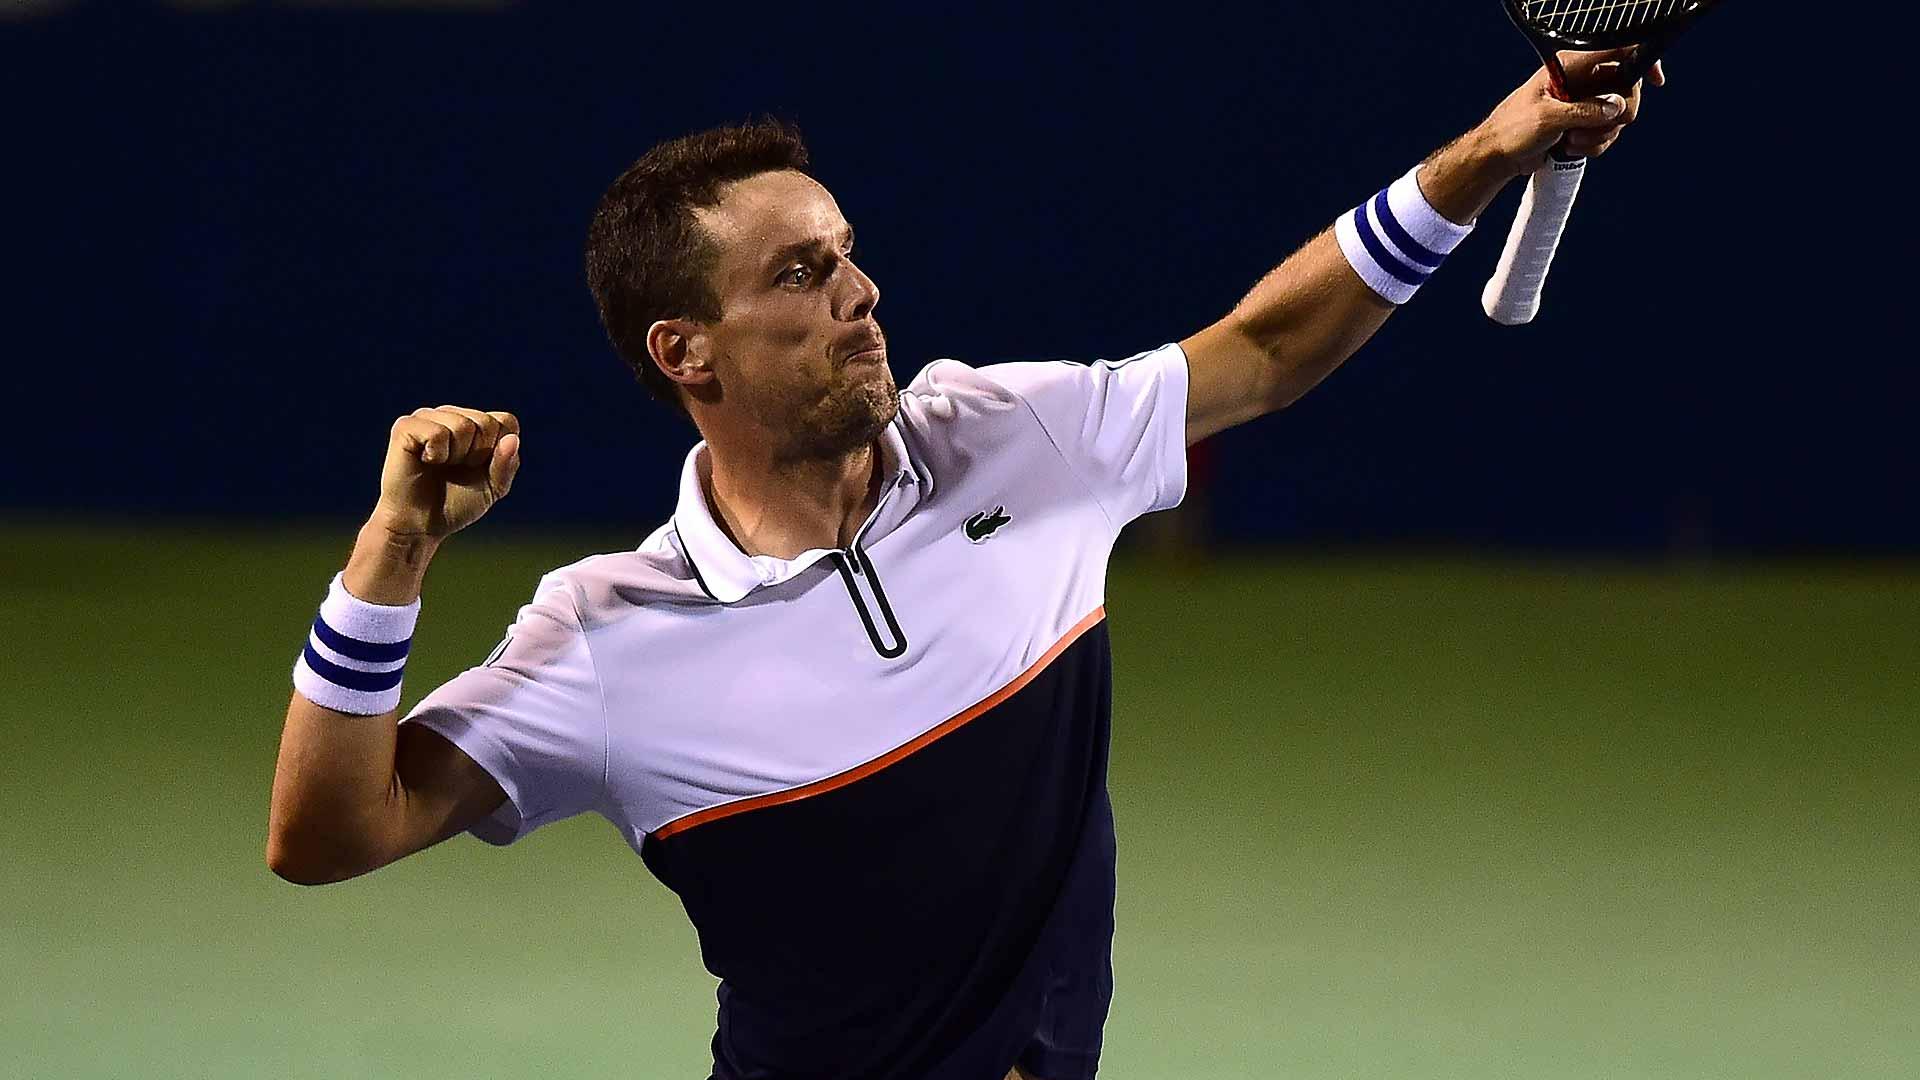 Κρατάει το ΑΗΤΤΗΤΟ σε αυτό το Head 2 Head – Τένις – St. Petersburg Open – Στοίχημα – Προγνωστικά